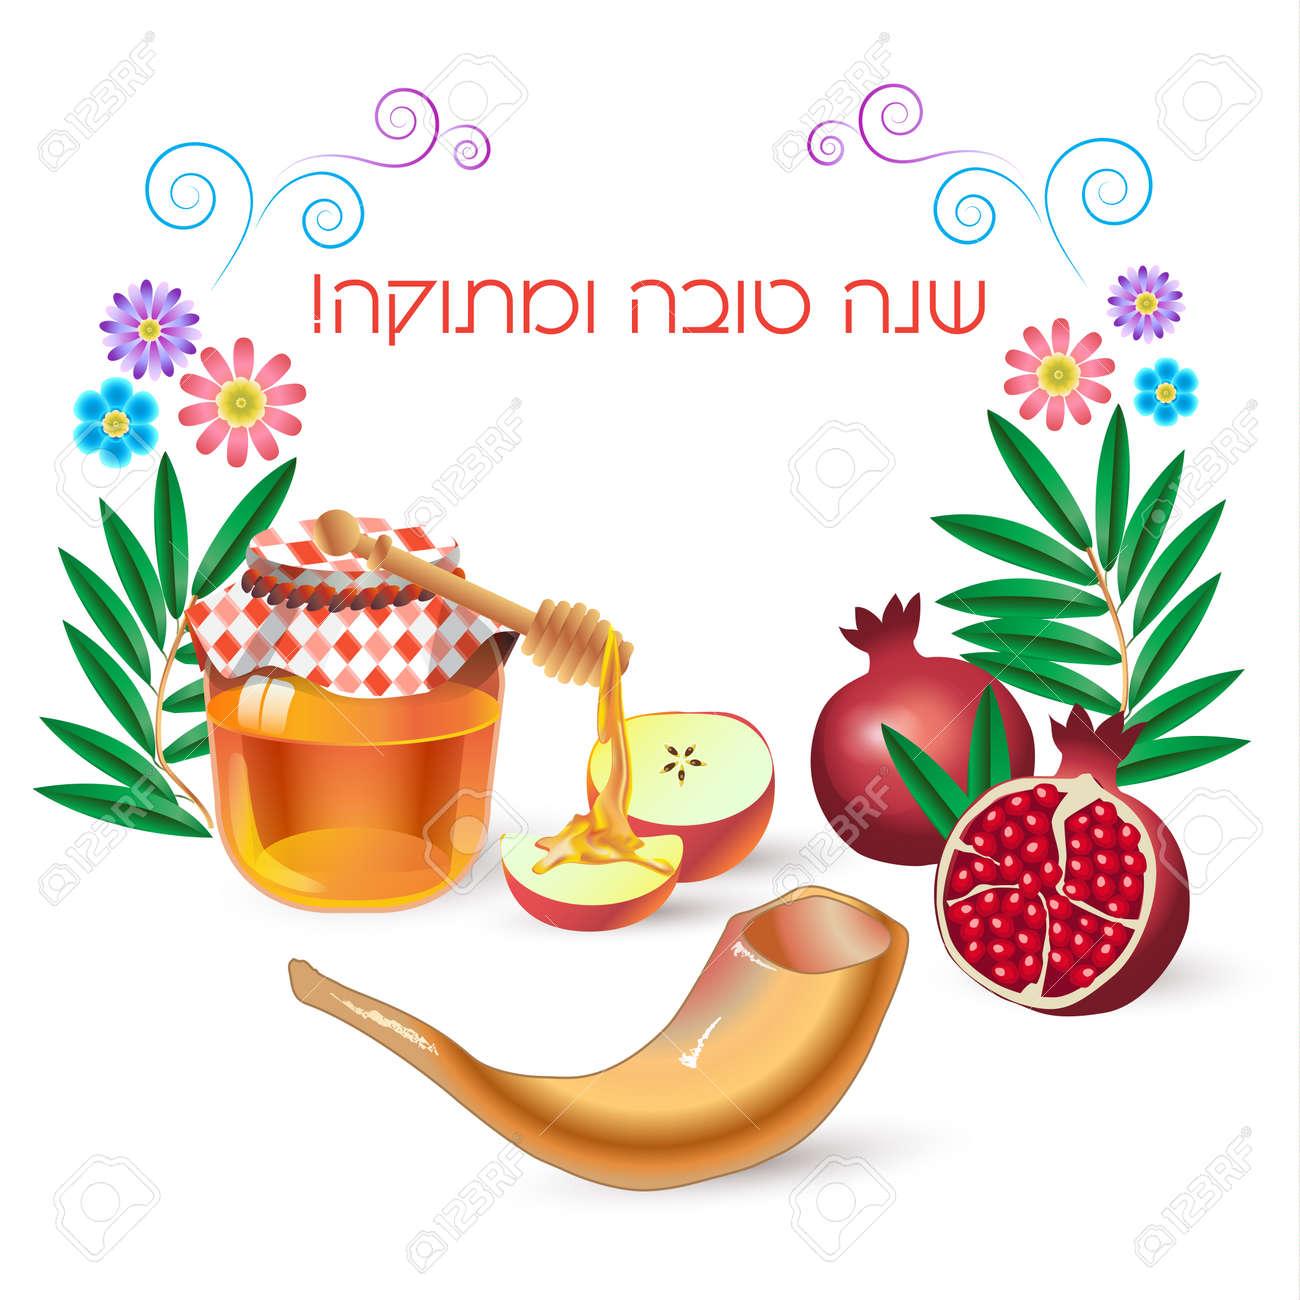 Rosh Hashanah Card Jewish New Year Greeting Text Shana Tova